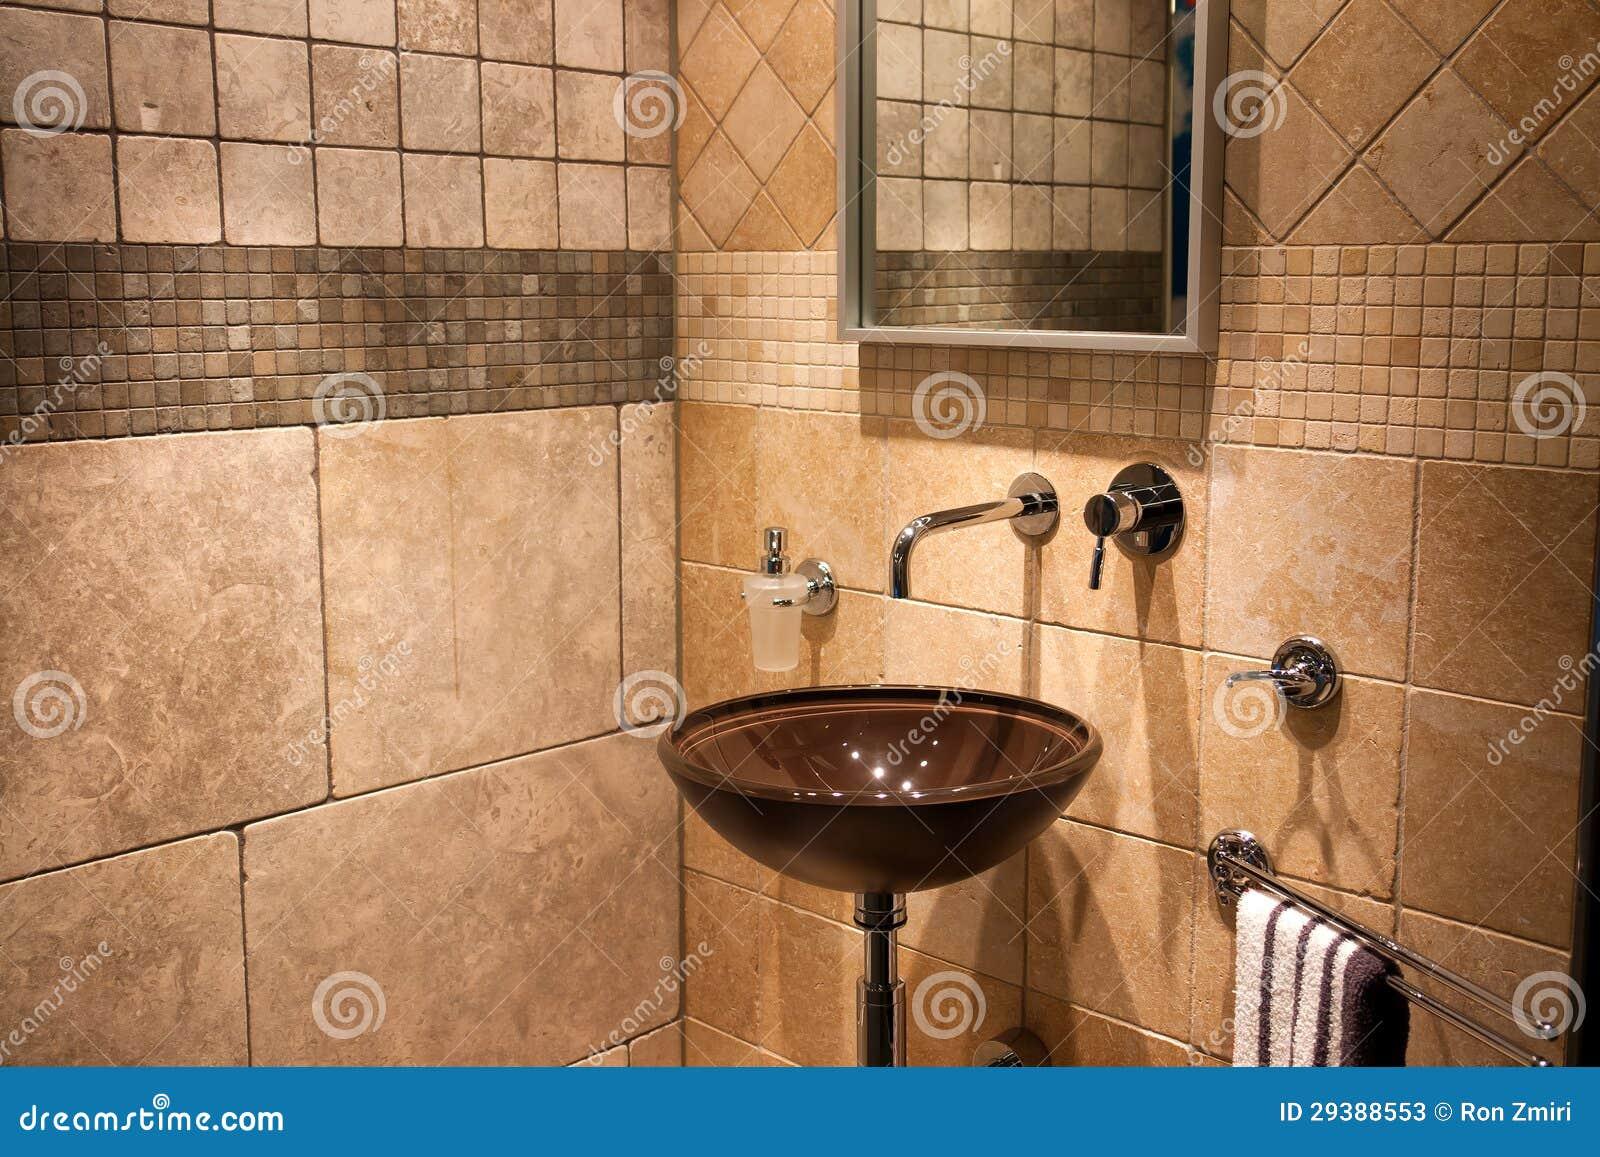 Mooie Moderne Badkamers : Mooie moderne badkamers in het nieuwe huis van de luxe stock